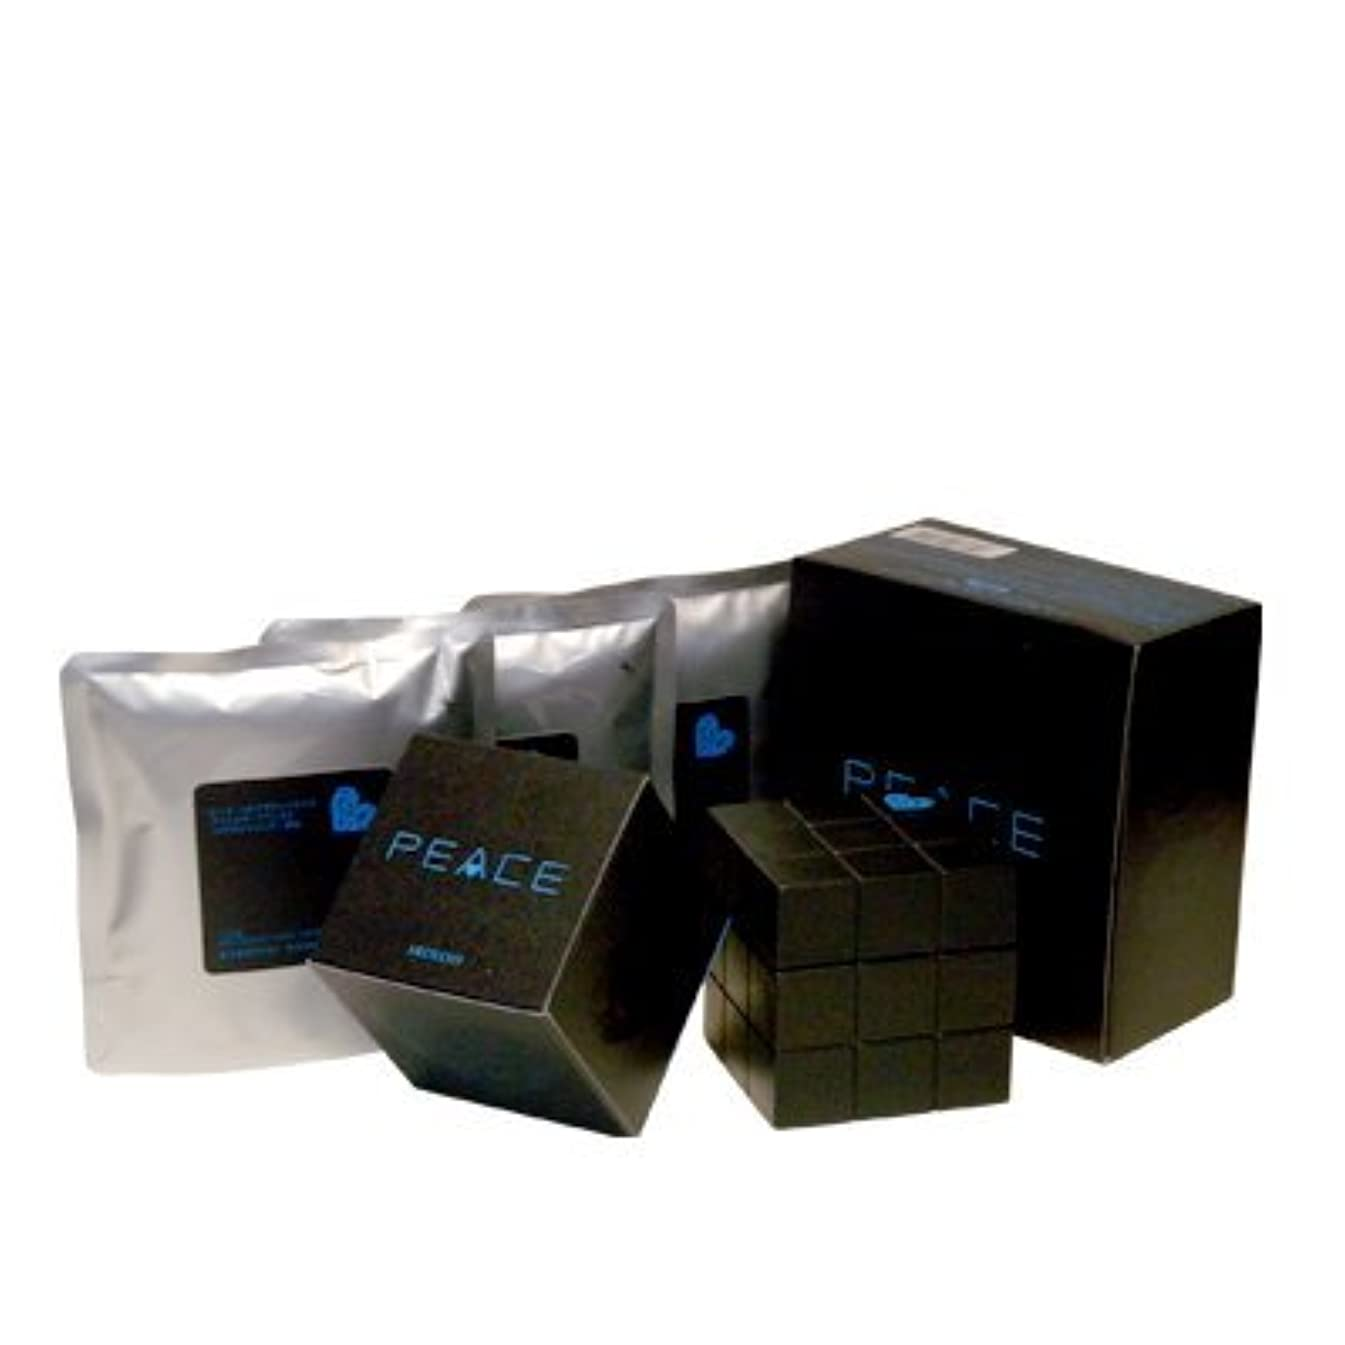 ごみ寛解普通にアリミノ ピース プロデザインシリーズ フリーズキープワックス ブラック80g+詰め替え80g×3